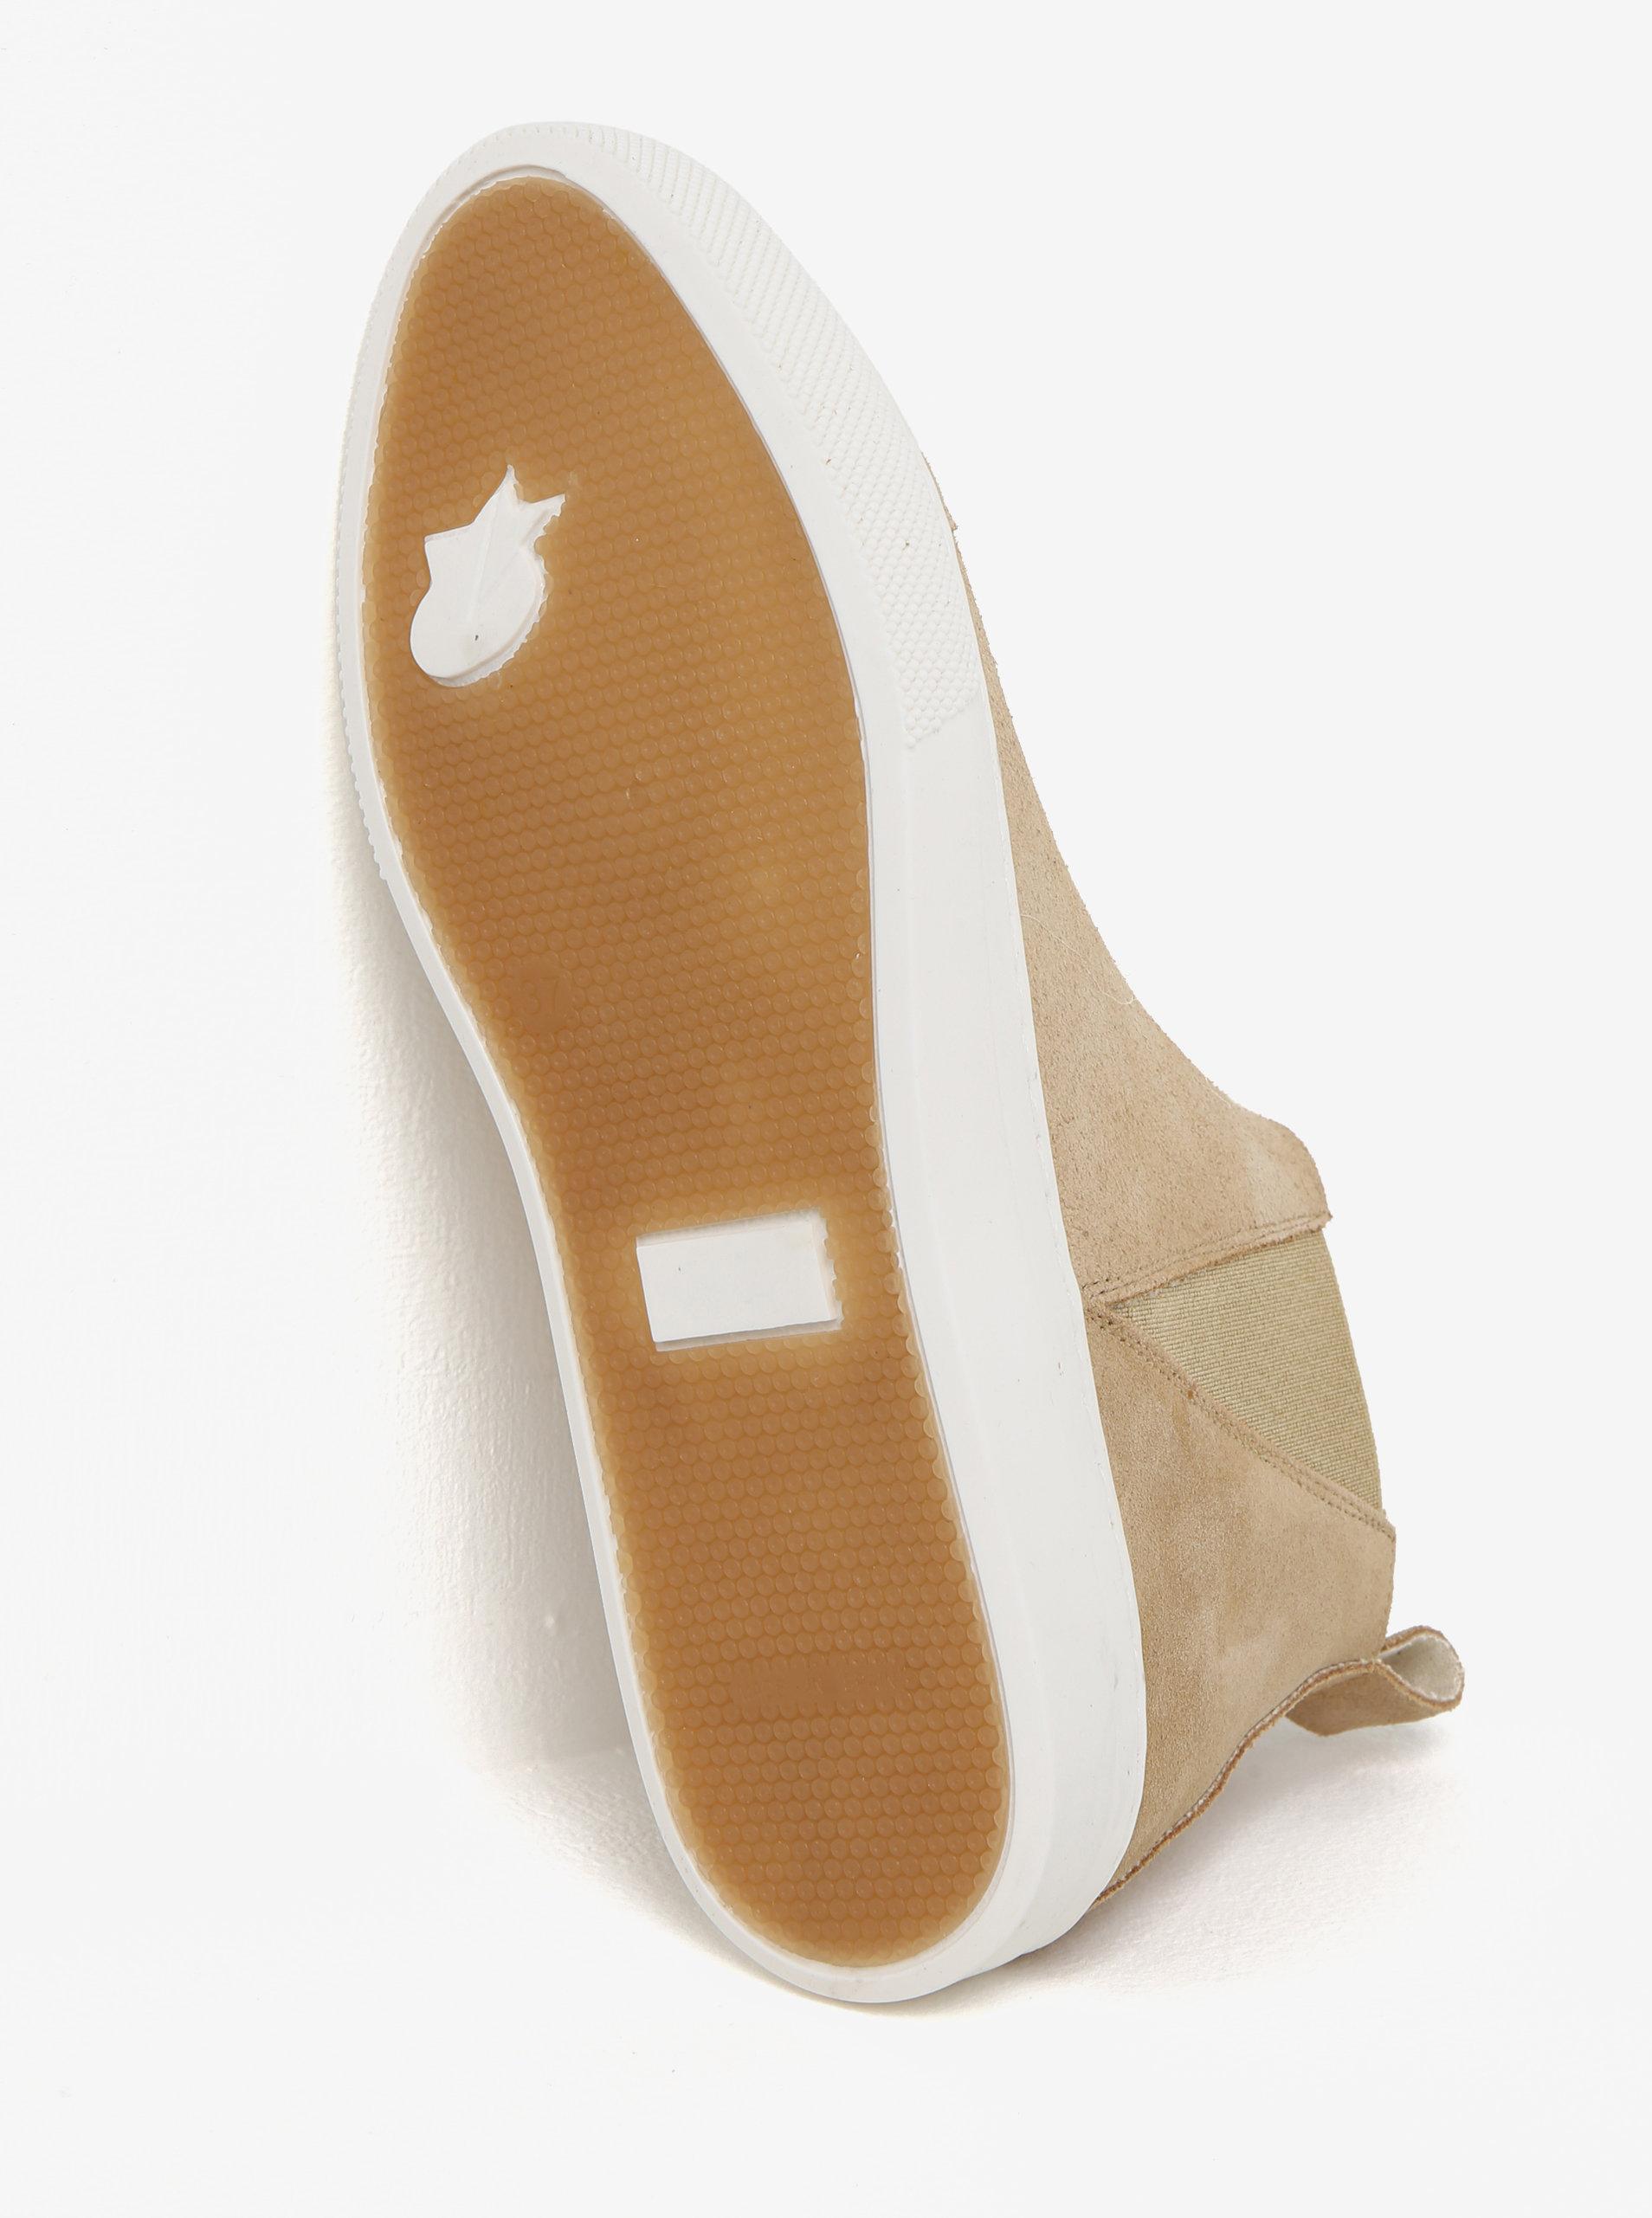 Béžové semišové chelsea boty na platformě OJJU ... cbd07acf01